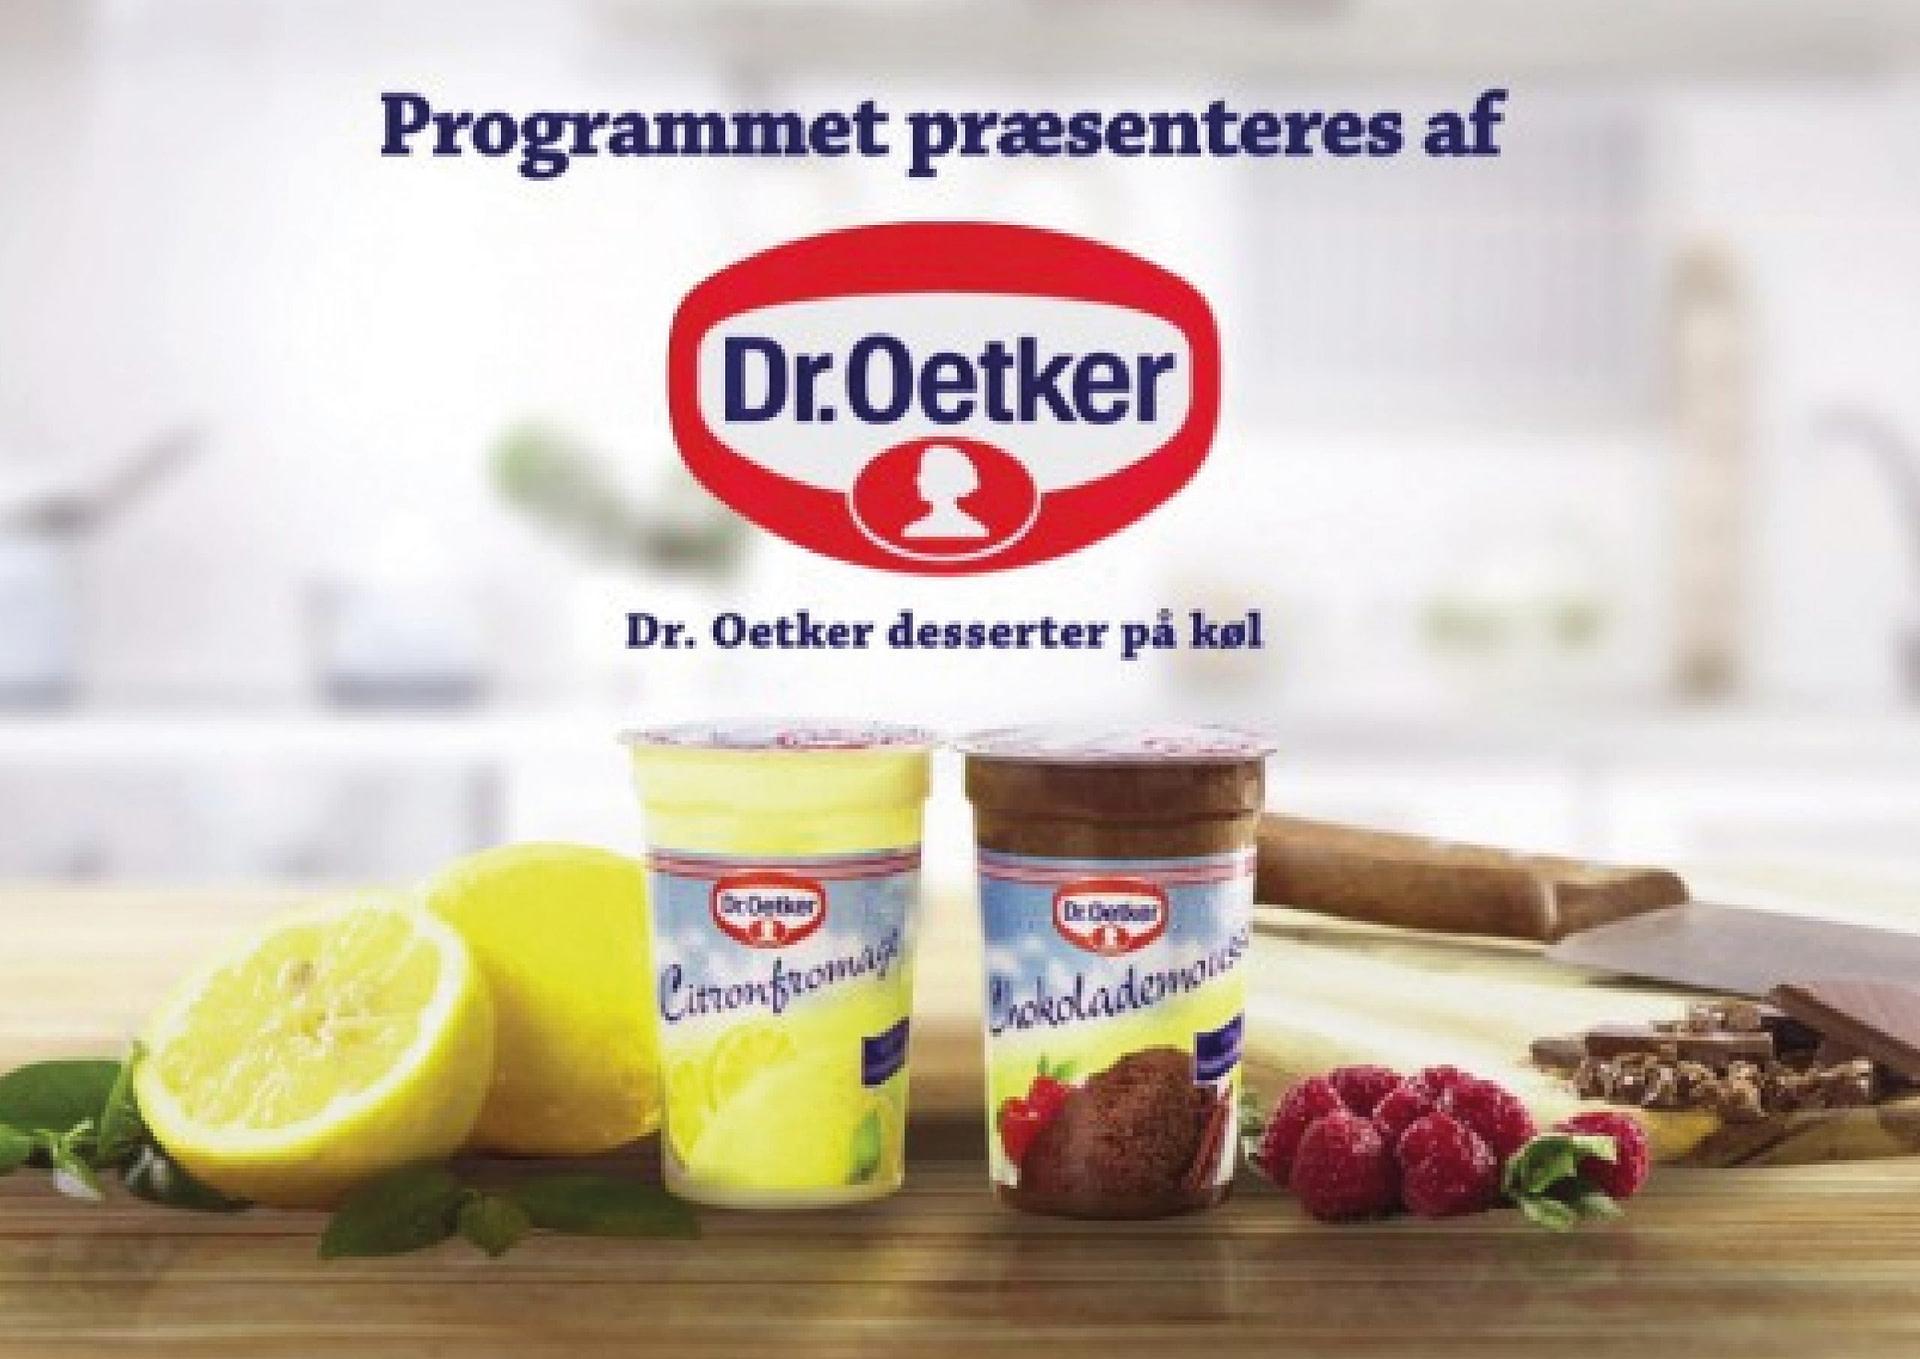 Dr Oetker sponsorat